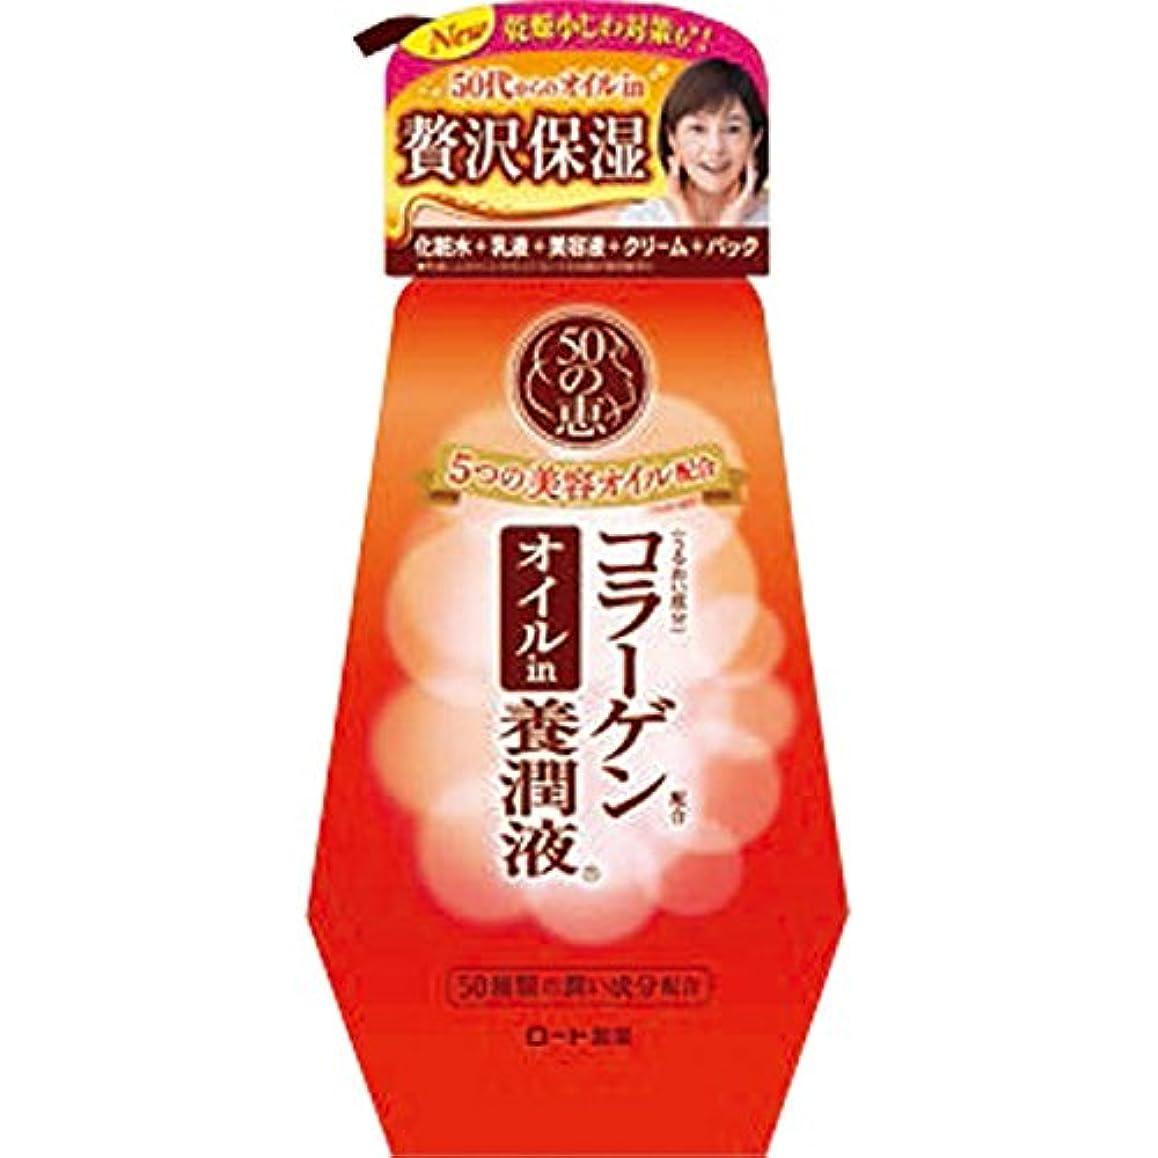 徐々に刺激する王族ロート製薬 50の恵エイジングケア 養潤成分50種類×5つの美容オイル配合 オイルin養潤液 オールインワン 230mL